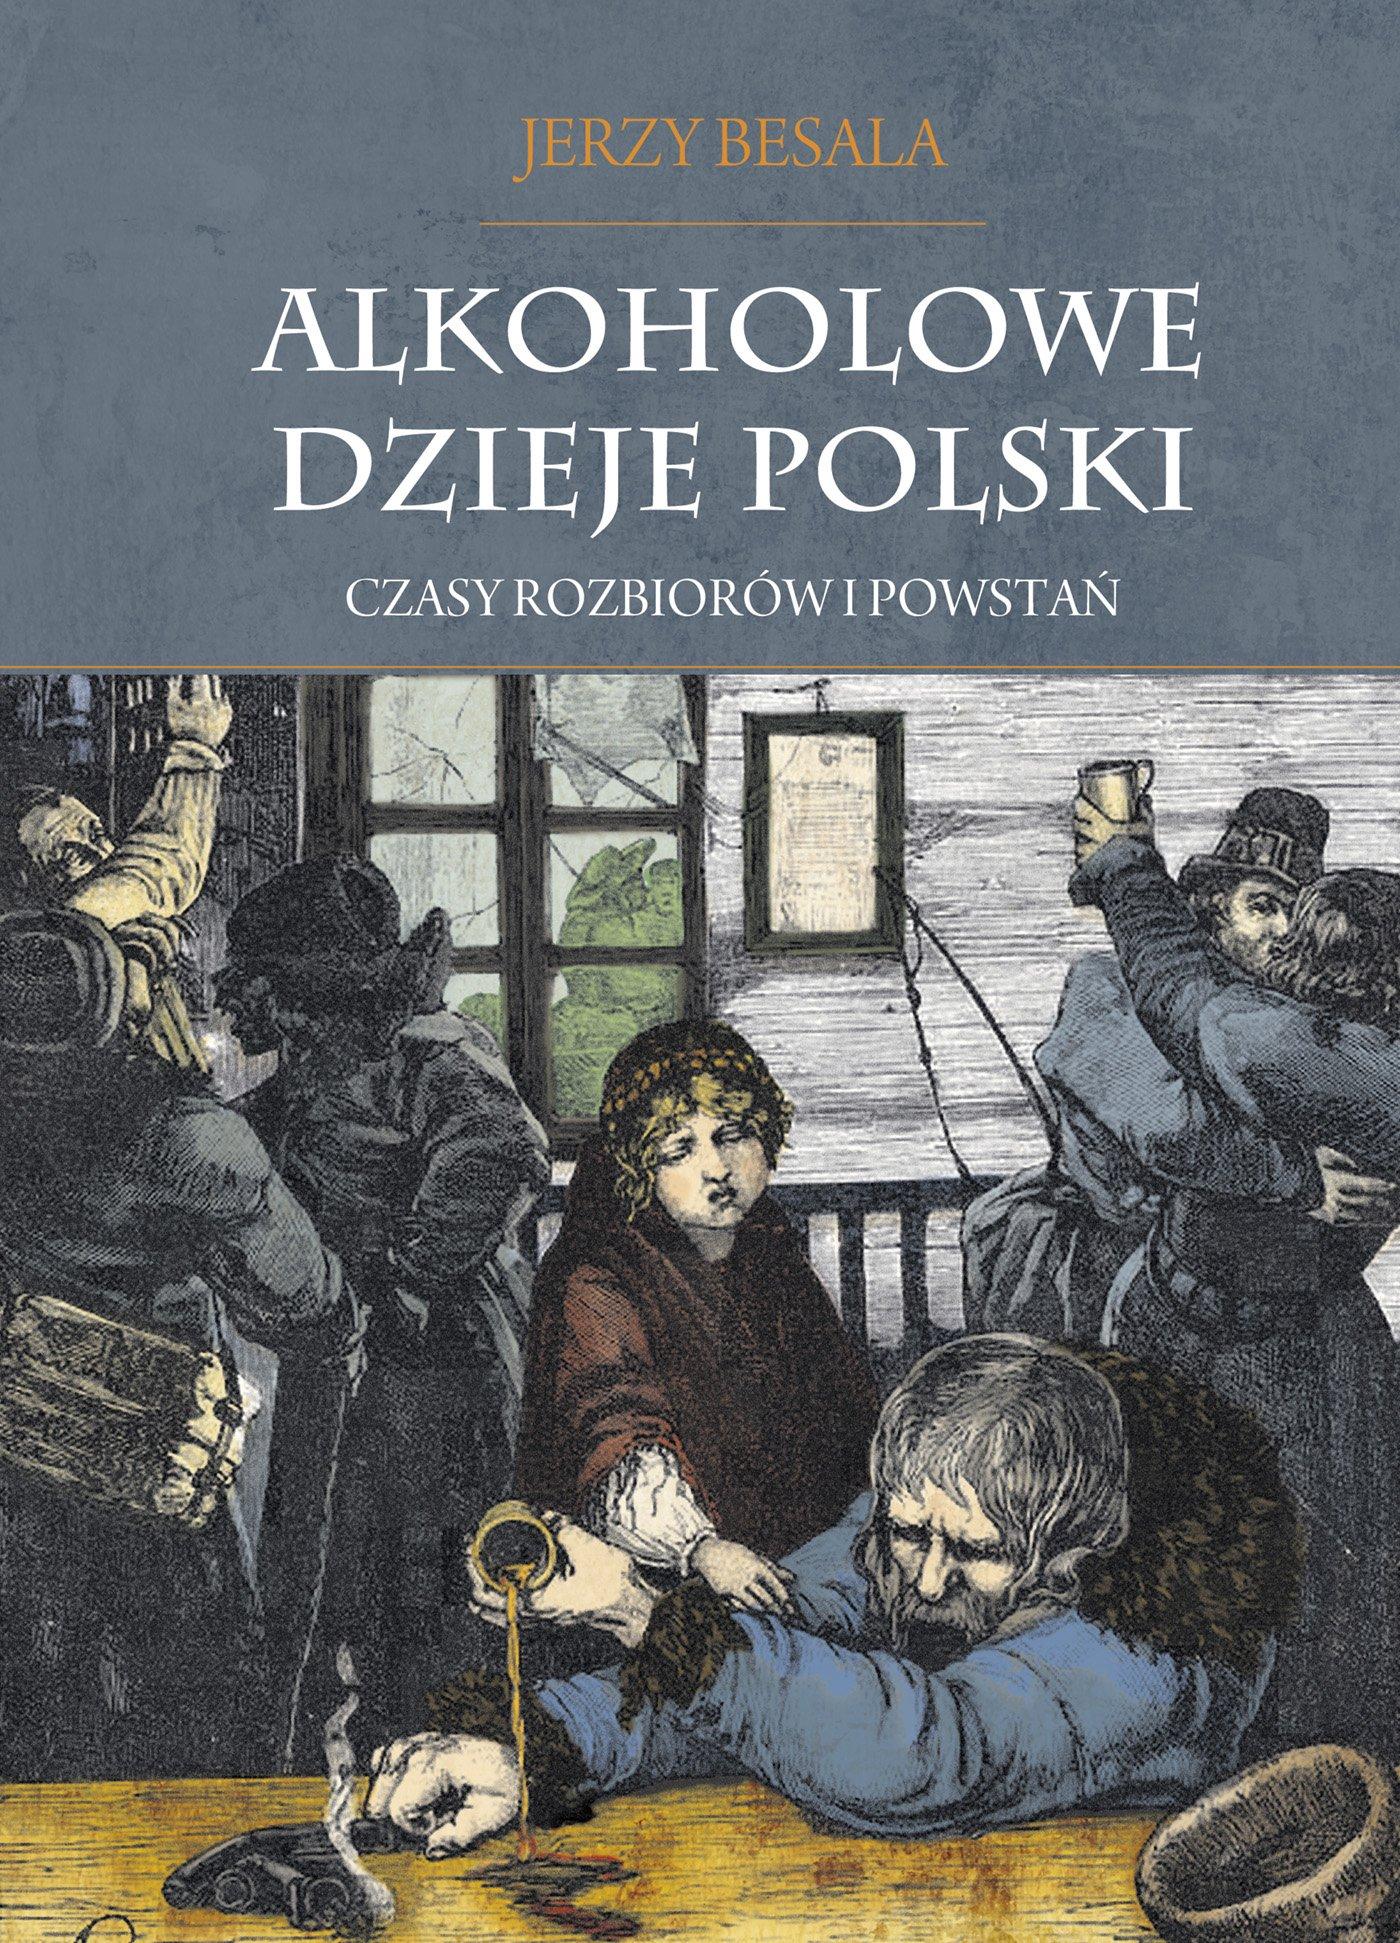 Alkoholowe dzieje Polski. Czasy rozbiorów i powstań T.2 - Ebook (Książka na Kindle) do pobrania w formacie MOBI